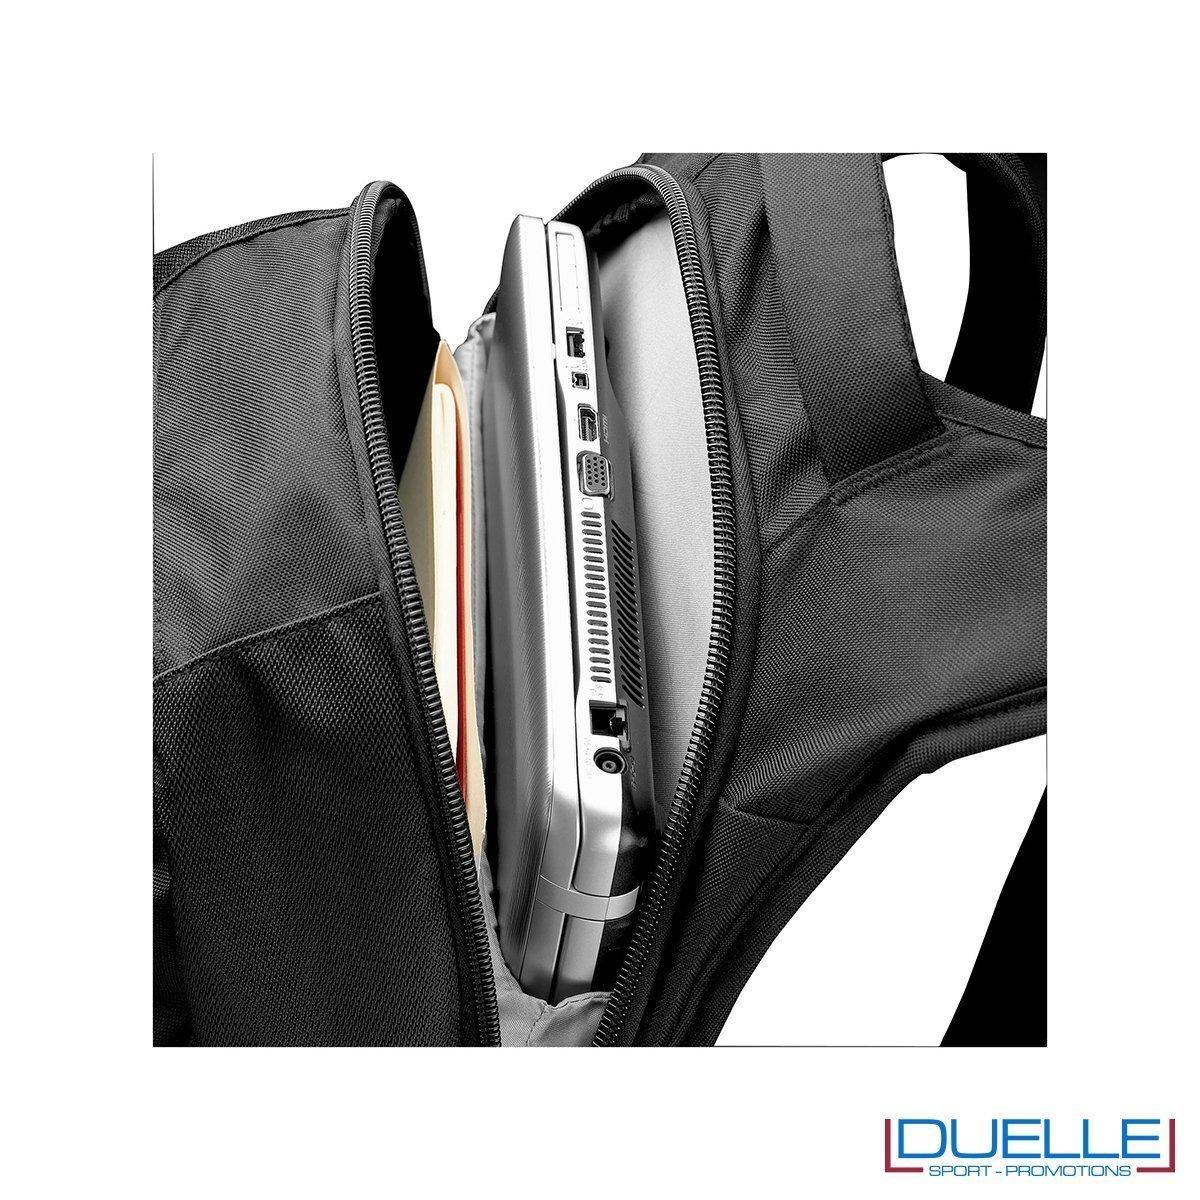 zaino porta laptop personalizzato CASE LOGIC particolare interno tasca principale, zaini promozionali CASE LOGIC personalizzato